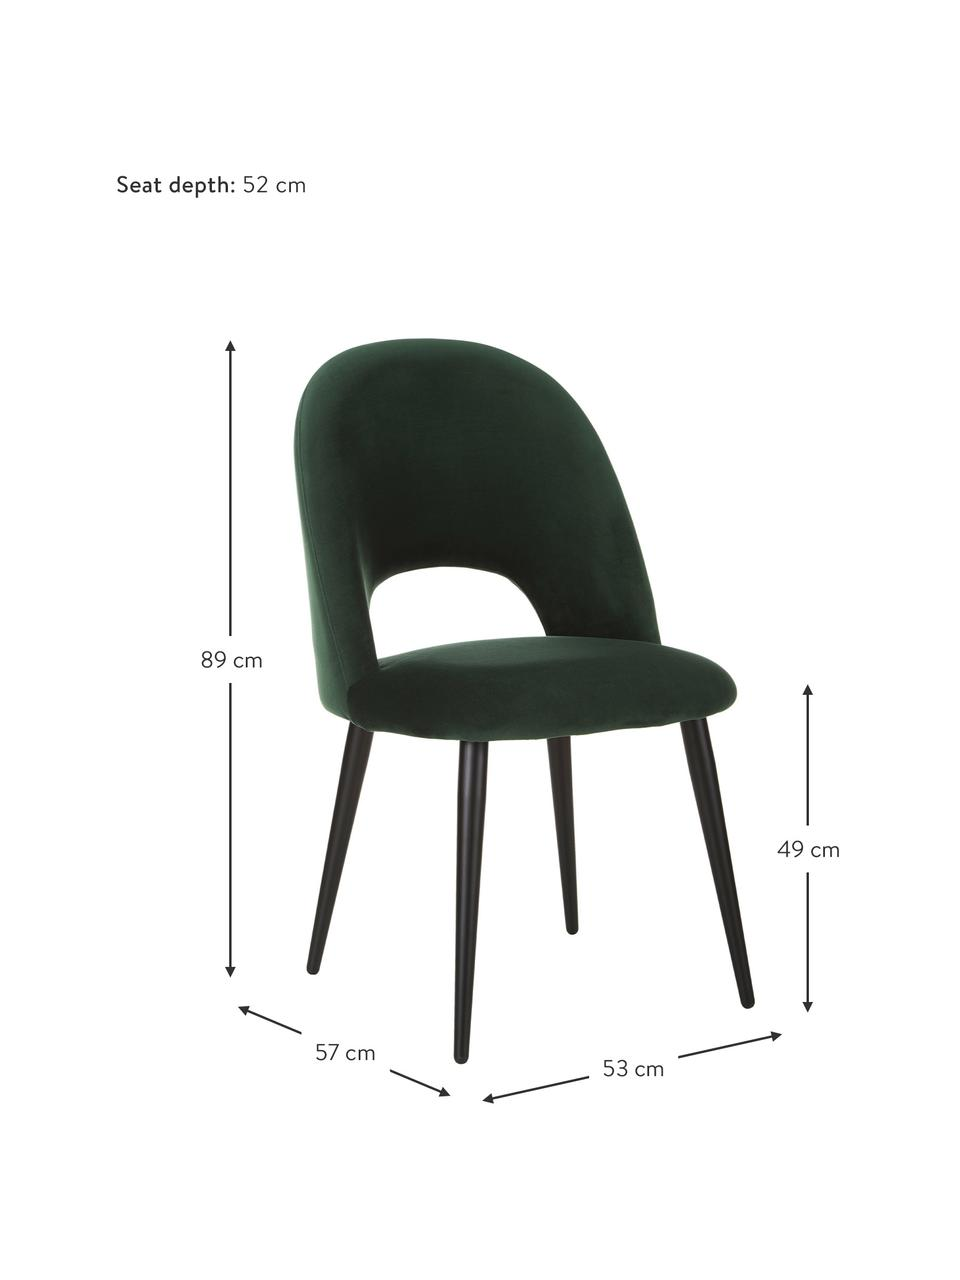 Chaise rembourrée en velours vert Rachel, Velours vert foncé